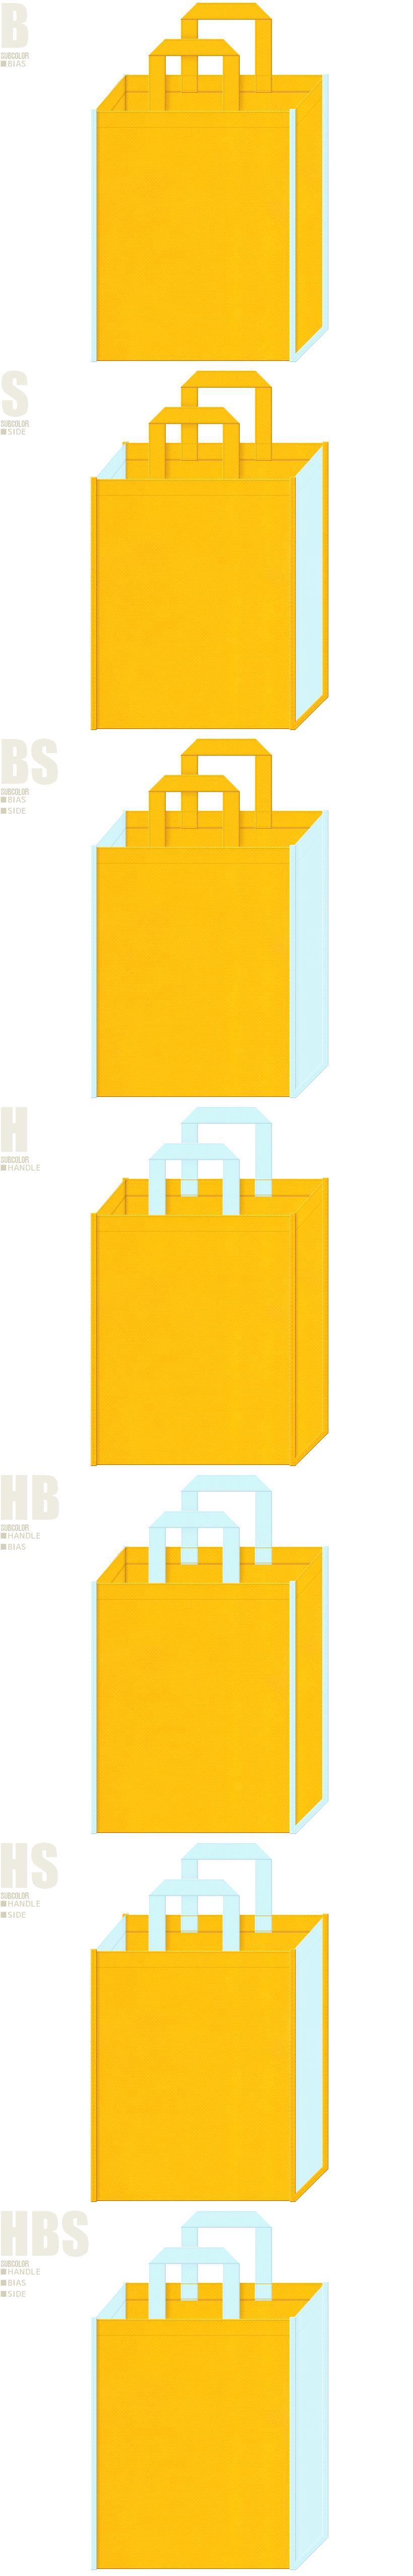 ビタミン・サプリメント・アヒル・お風呂のおもちゃ・バス用品・レッスンバッグ・通園バッグ・キッズイベントにお奨めの不織布バッグデザイン:黄色と水色の配色7パターン